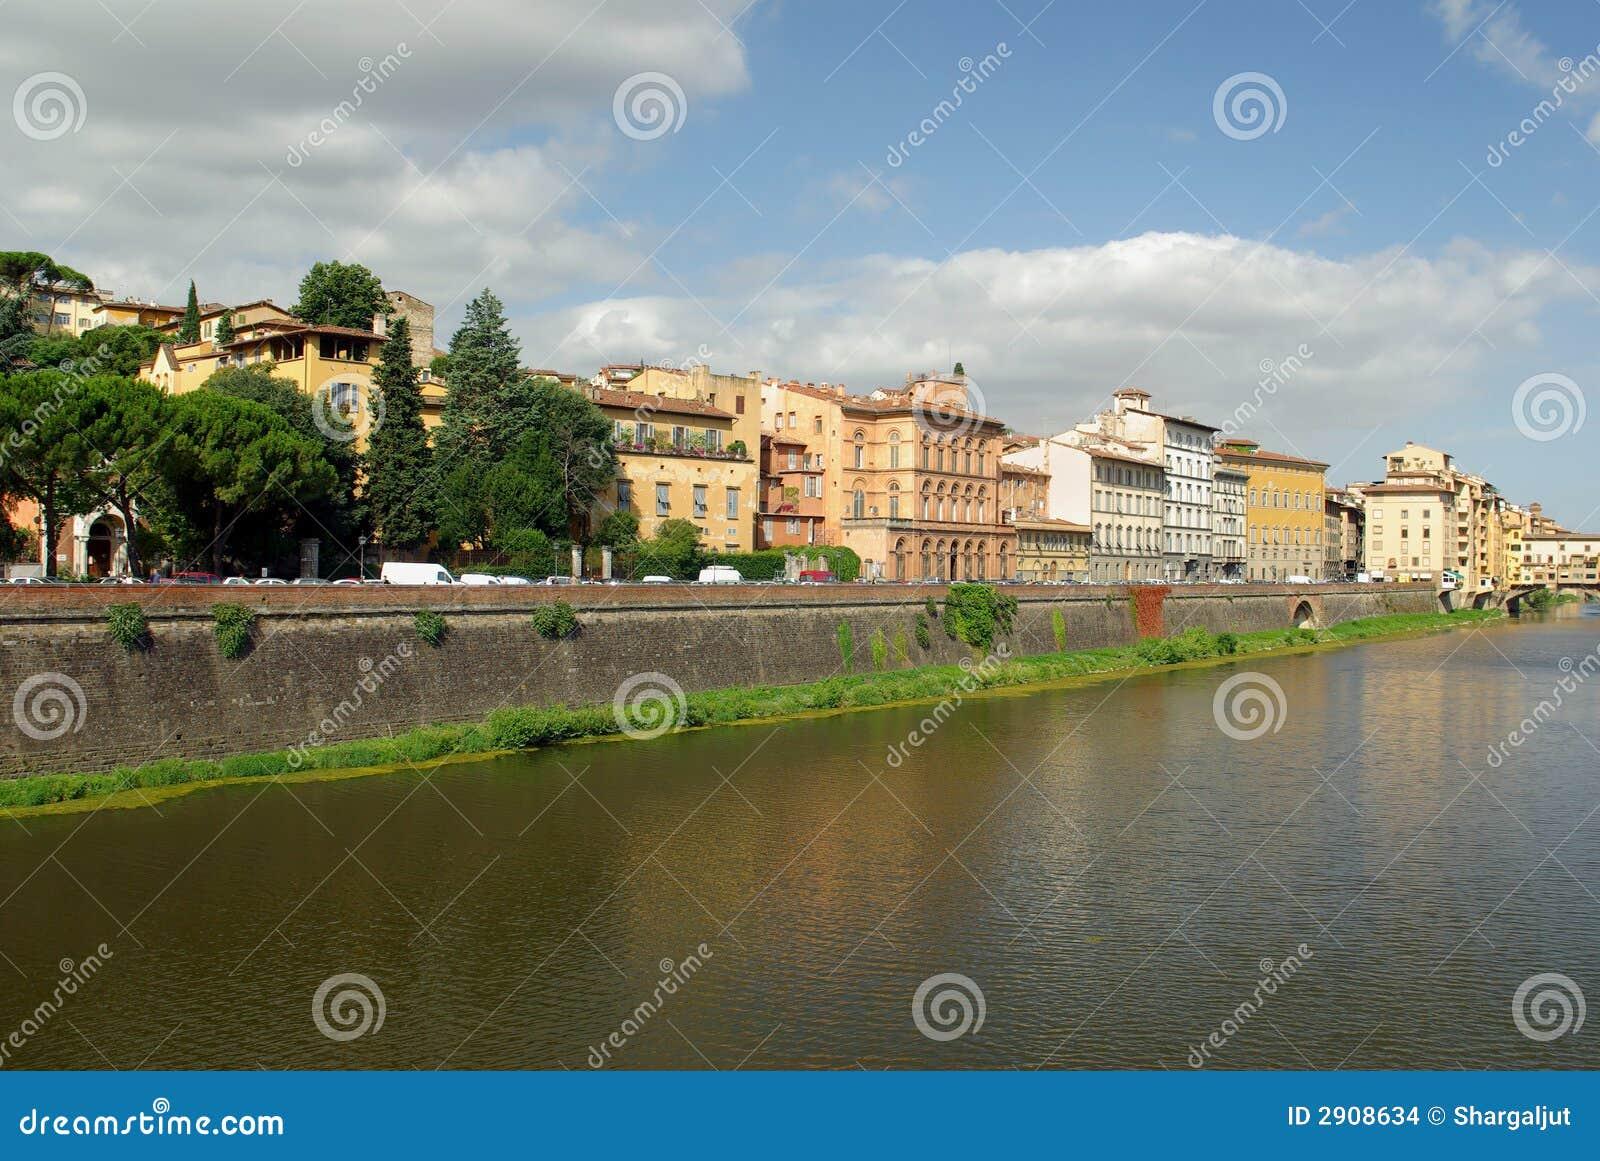 Fiume del Arno, Firenze, Italia